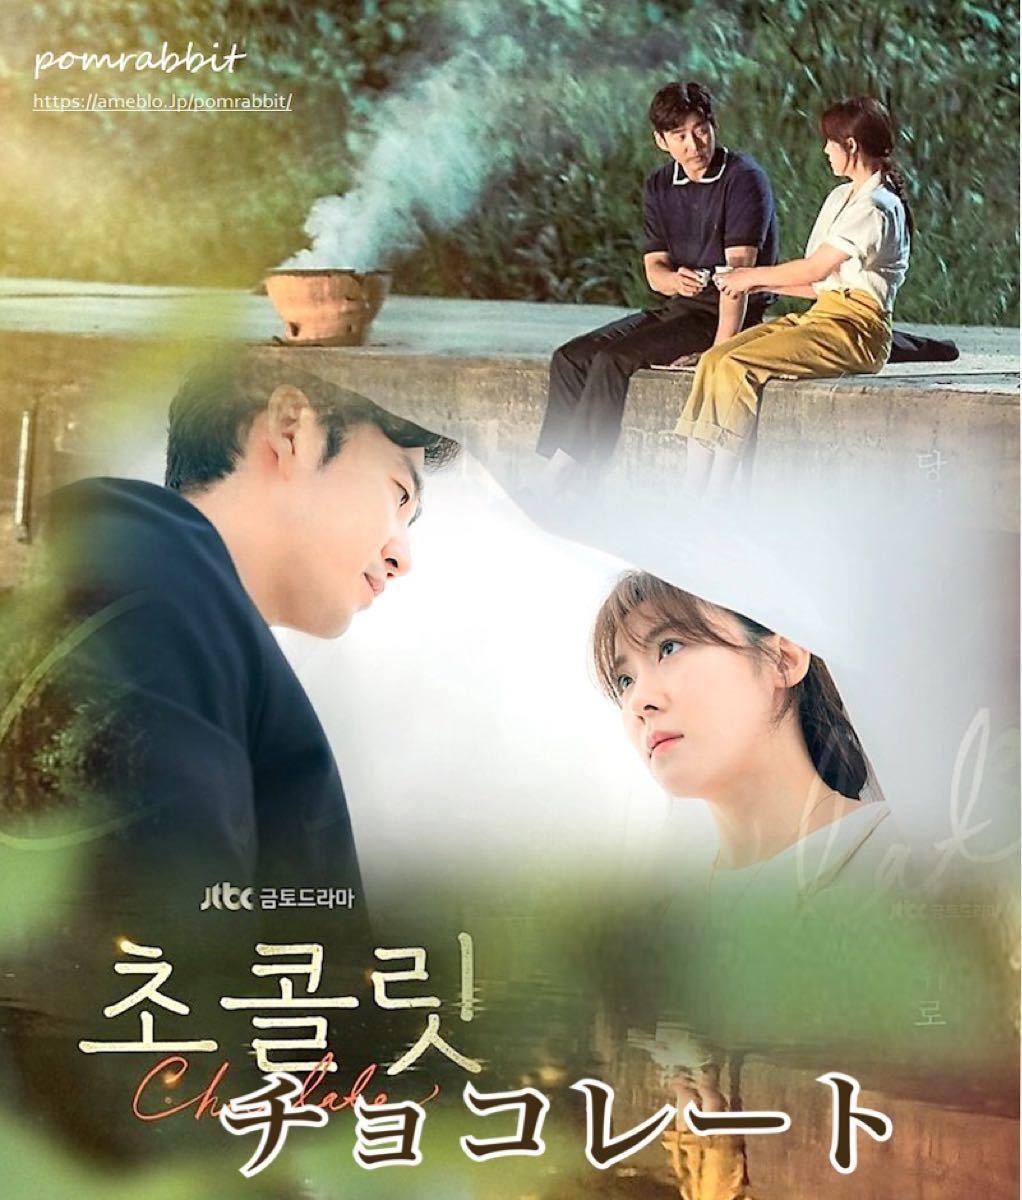 韓国ドラマ 韓国ドラマ チョコレート〜忘れかけてた幸せの味〜